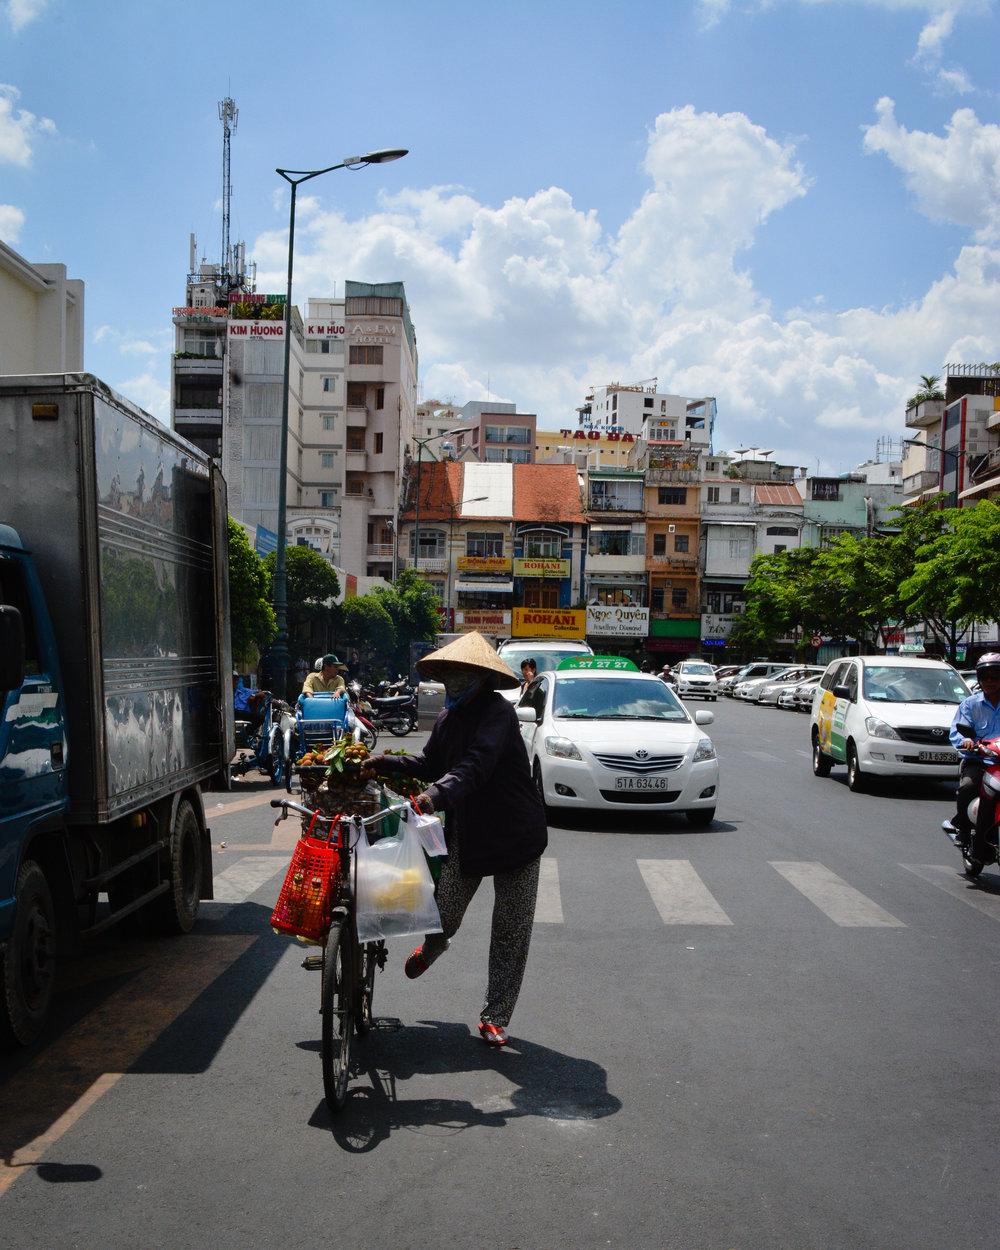 vietnam-25jpg_18384188102_o.jpg